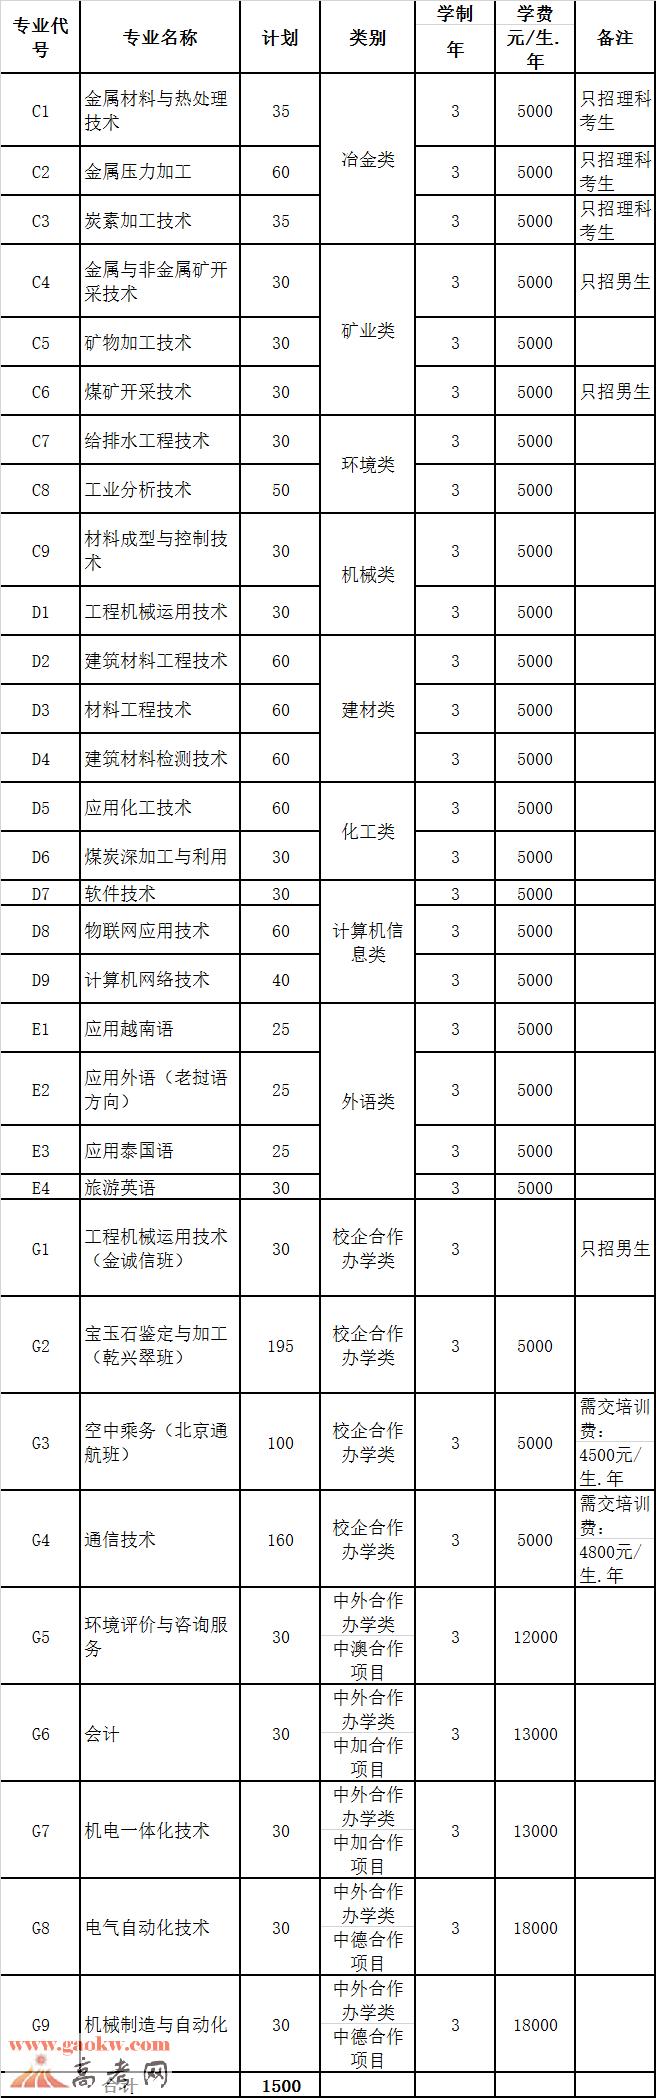 昆明冶金高等专科学校2016年单独招生简章